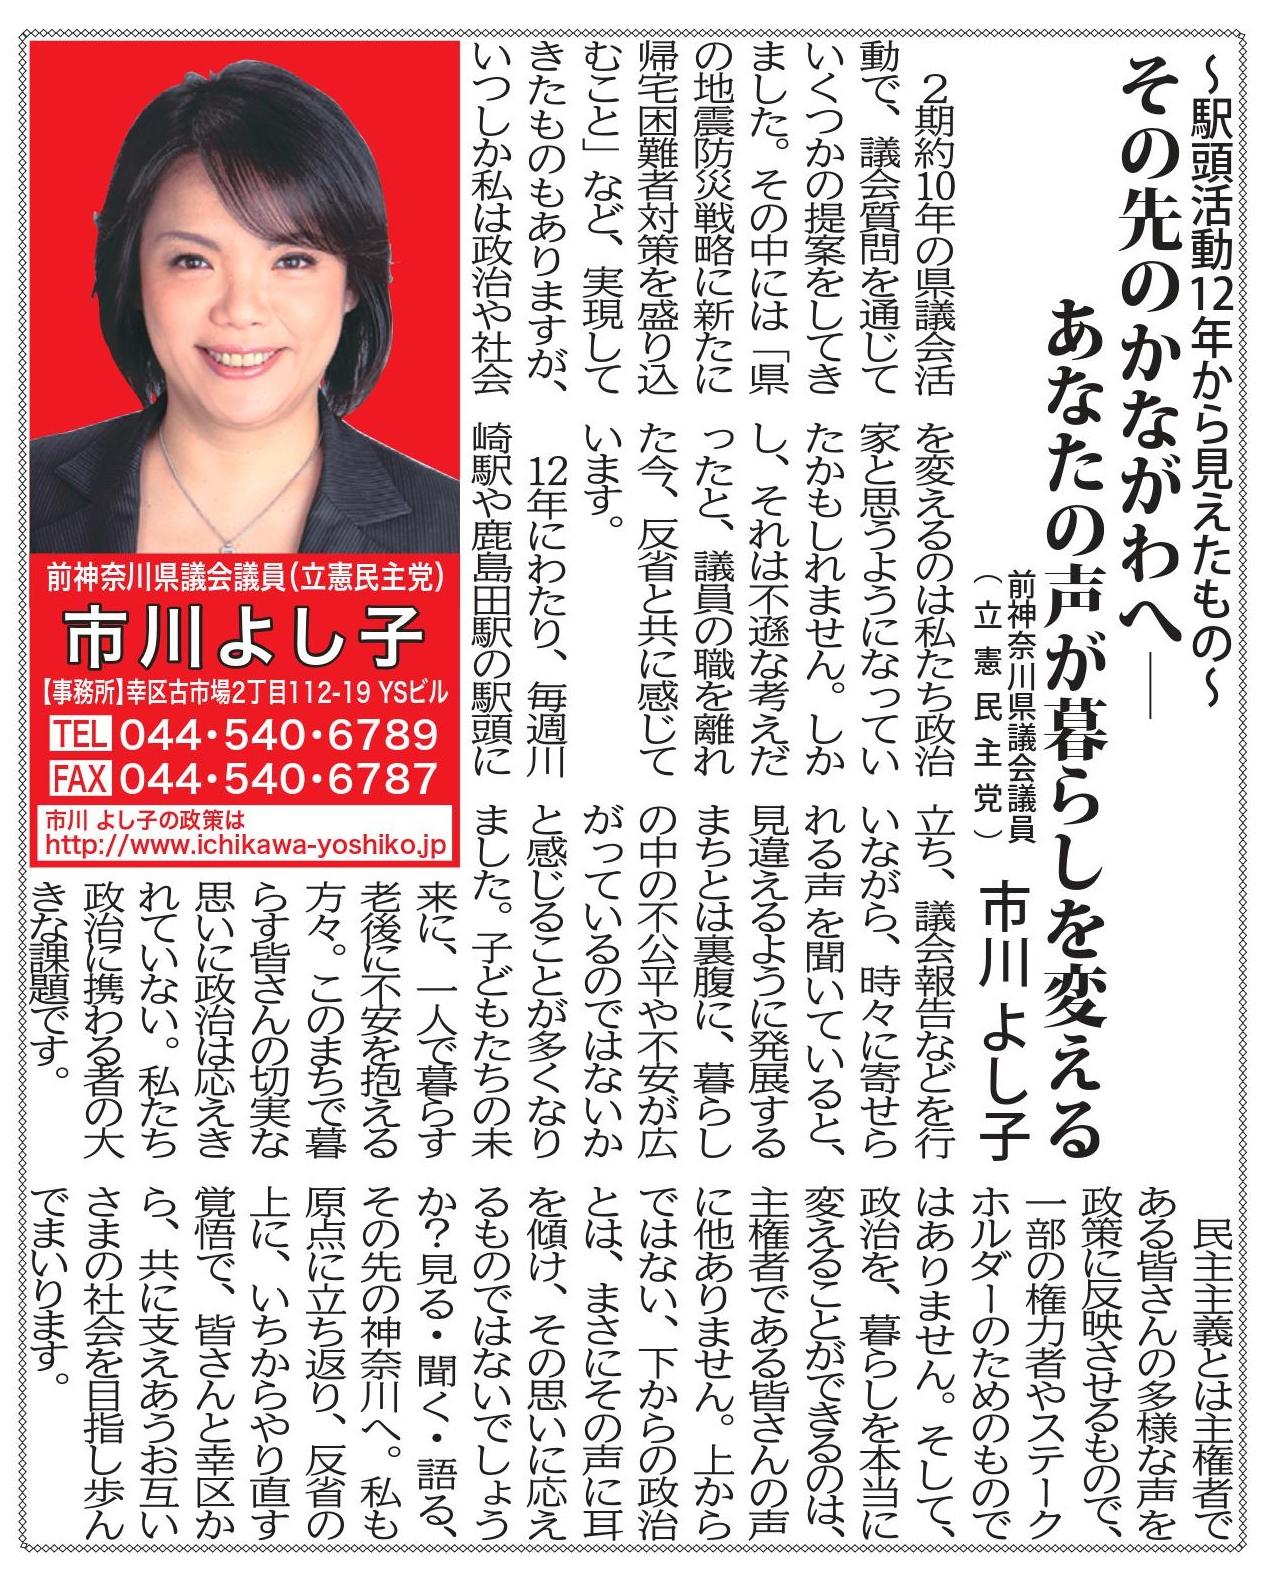 平成31年3月15日号 :タウンニュース